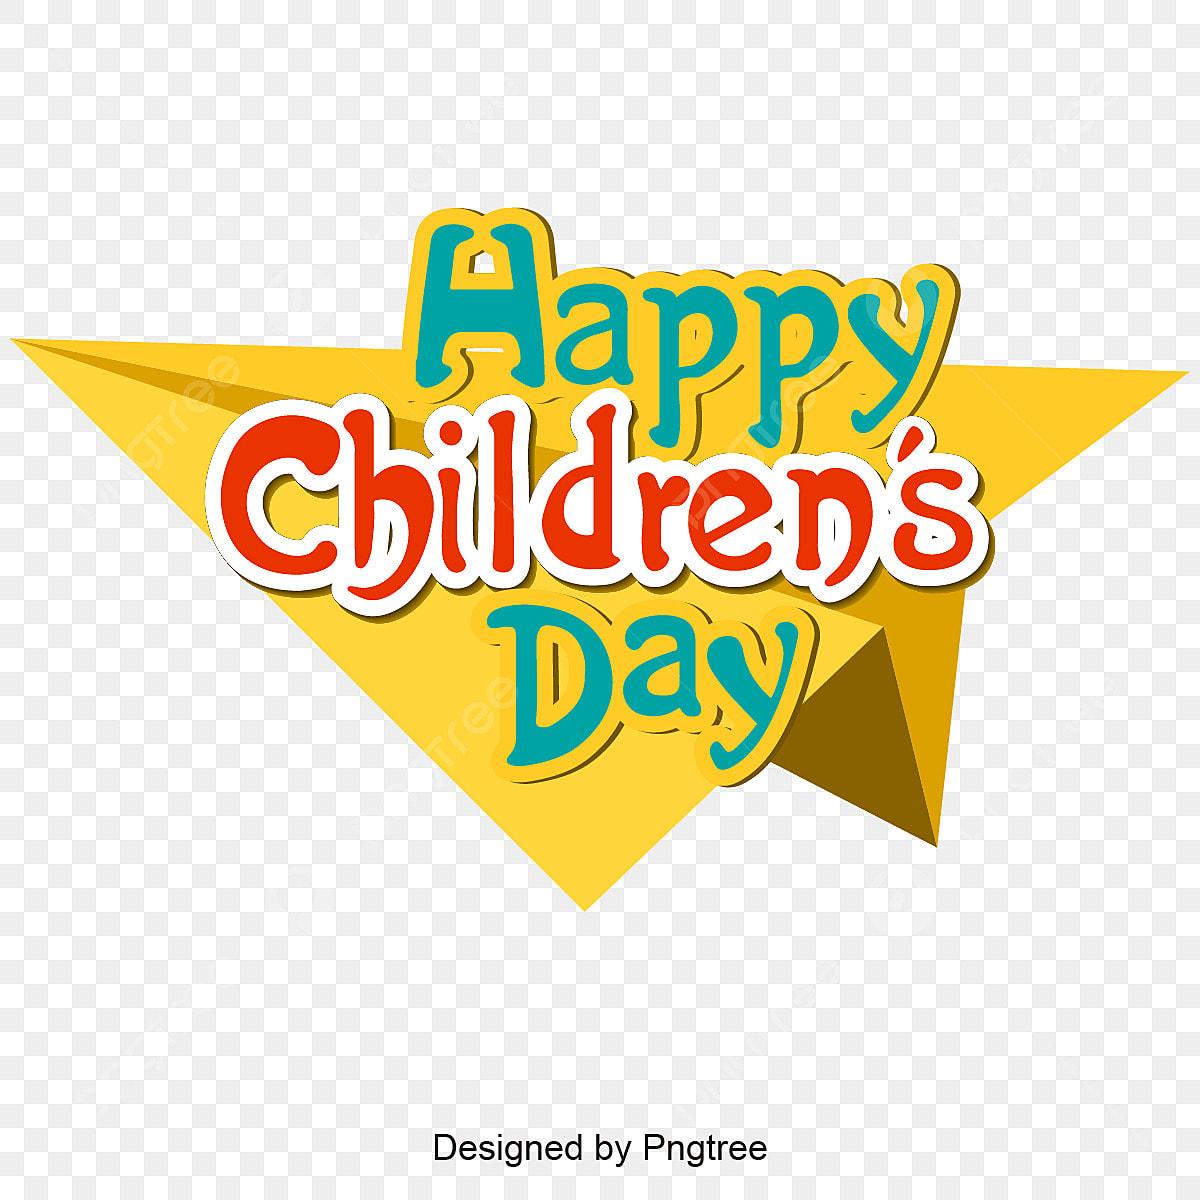 Happy Children's Day Cartoon Kids Picture